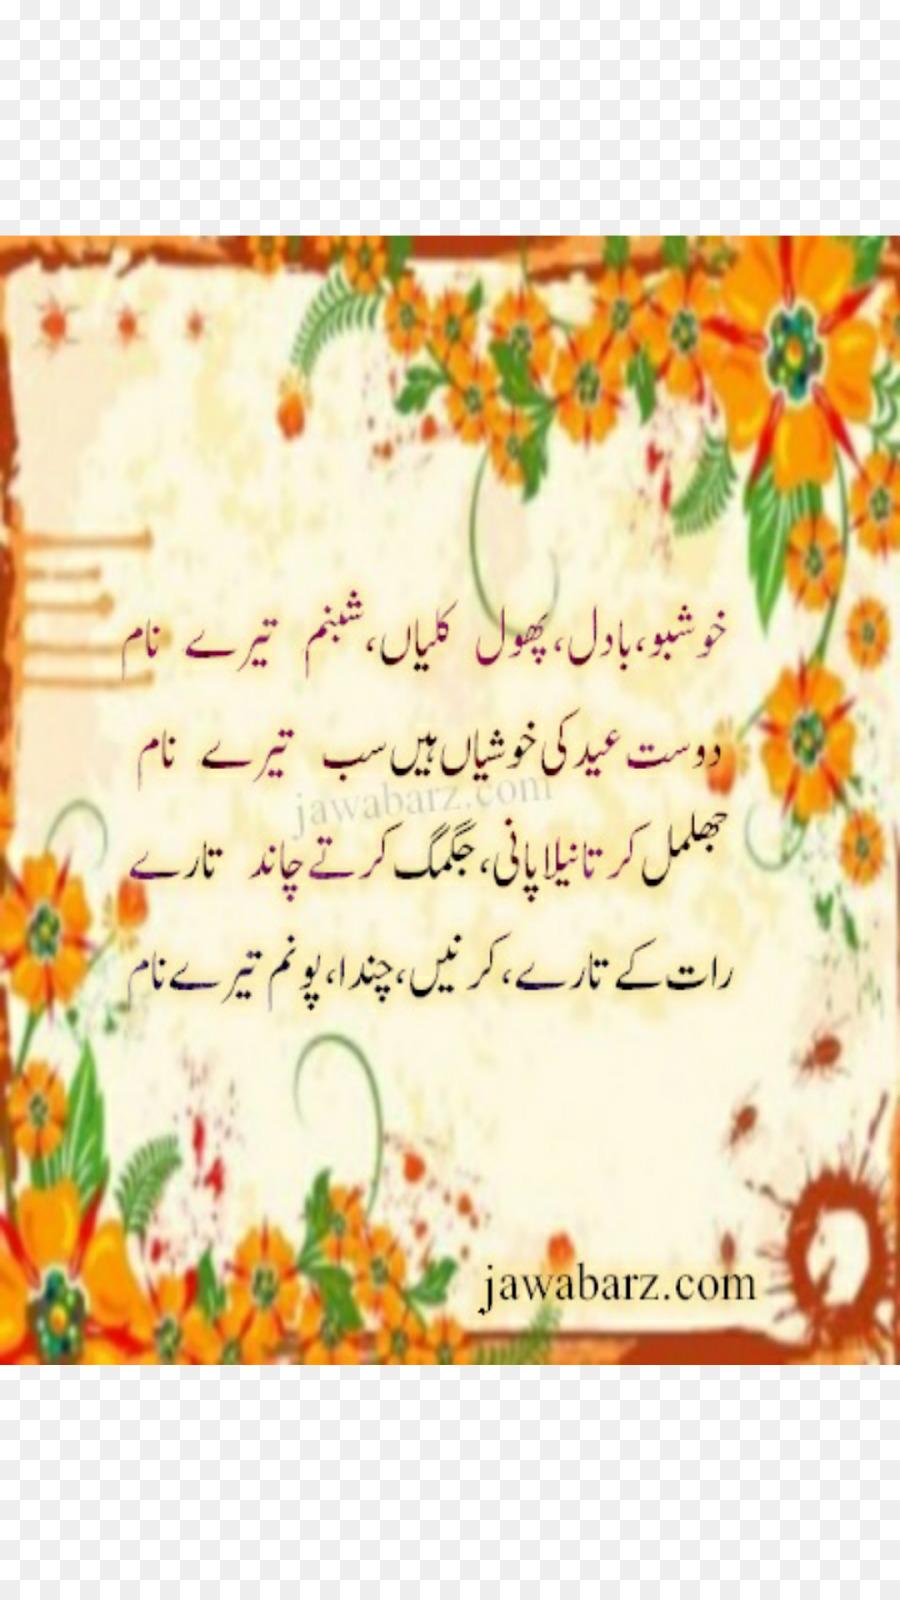 Urdu Poetry Kaliyan Shabnam Love Good Morning Poetry In Urdu Png